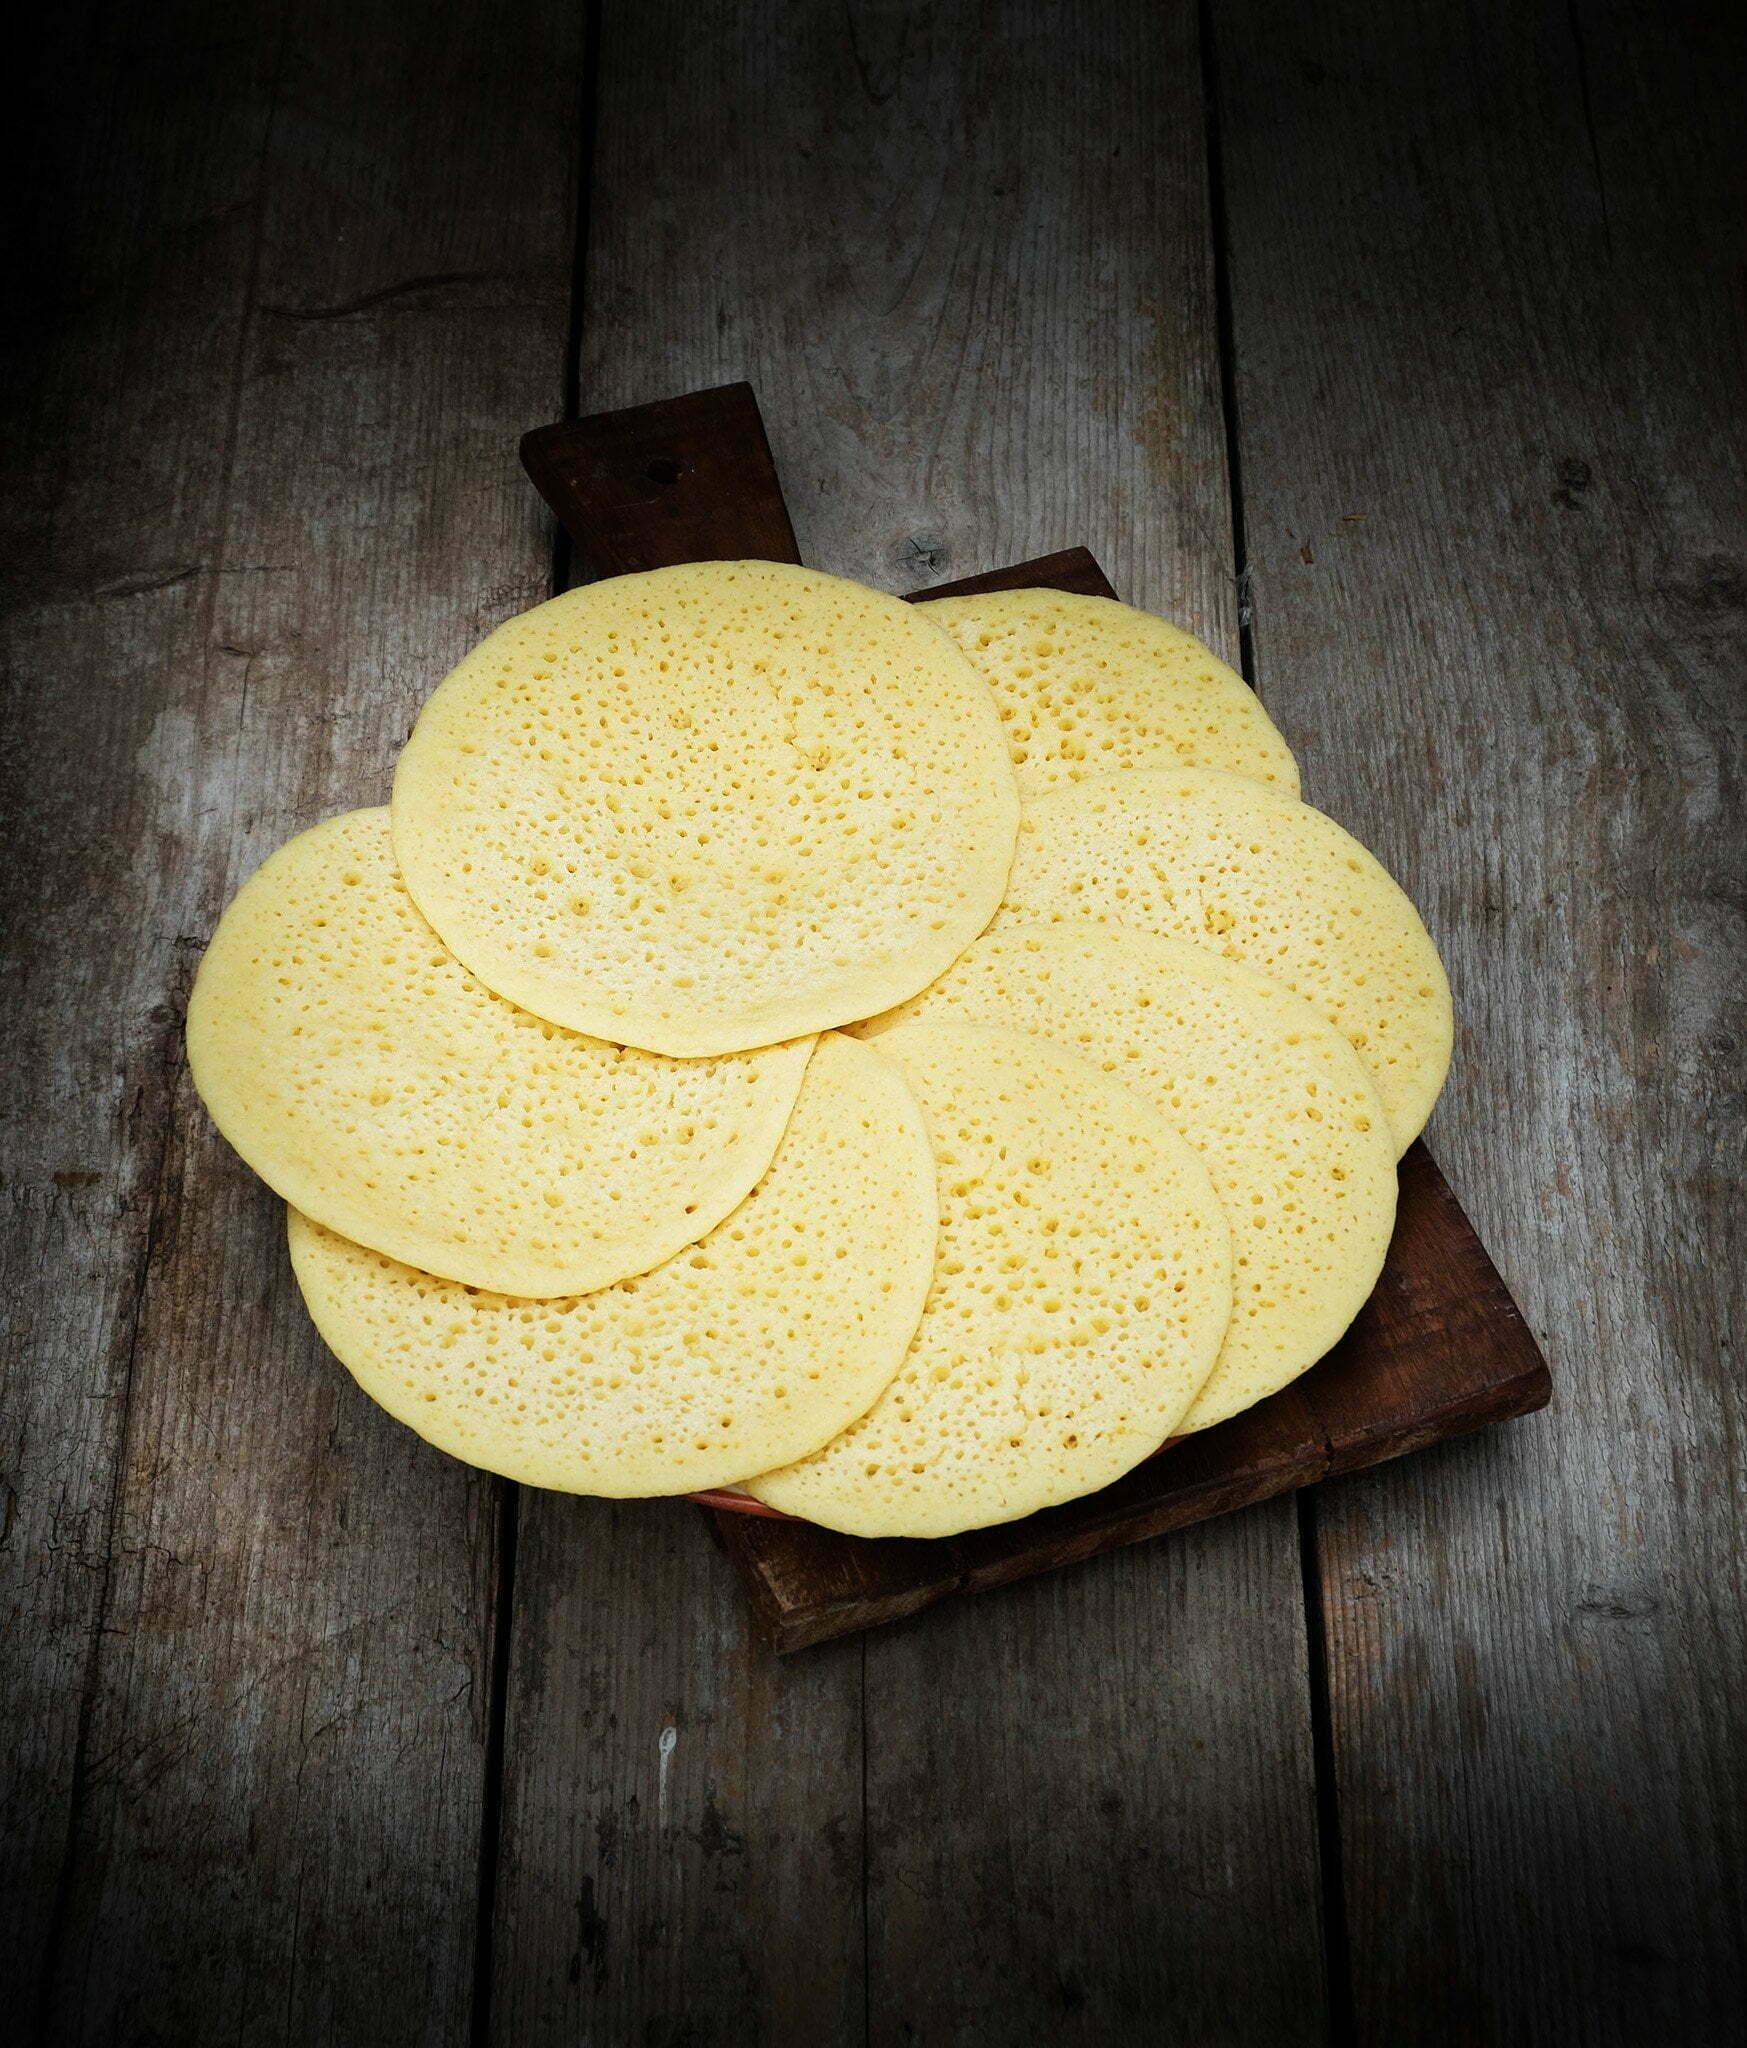 Marokkaanse pannenkoeken maken